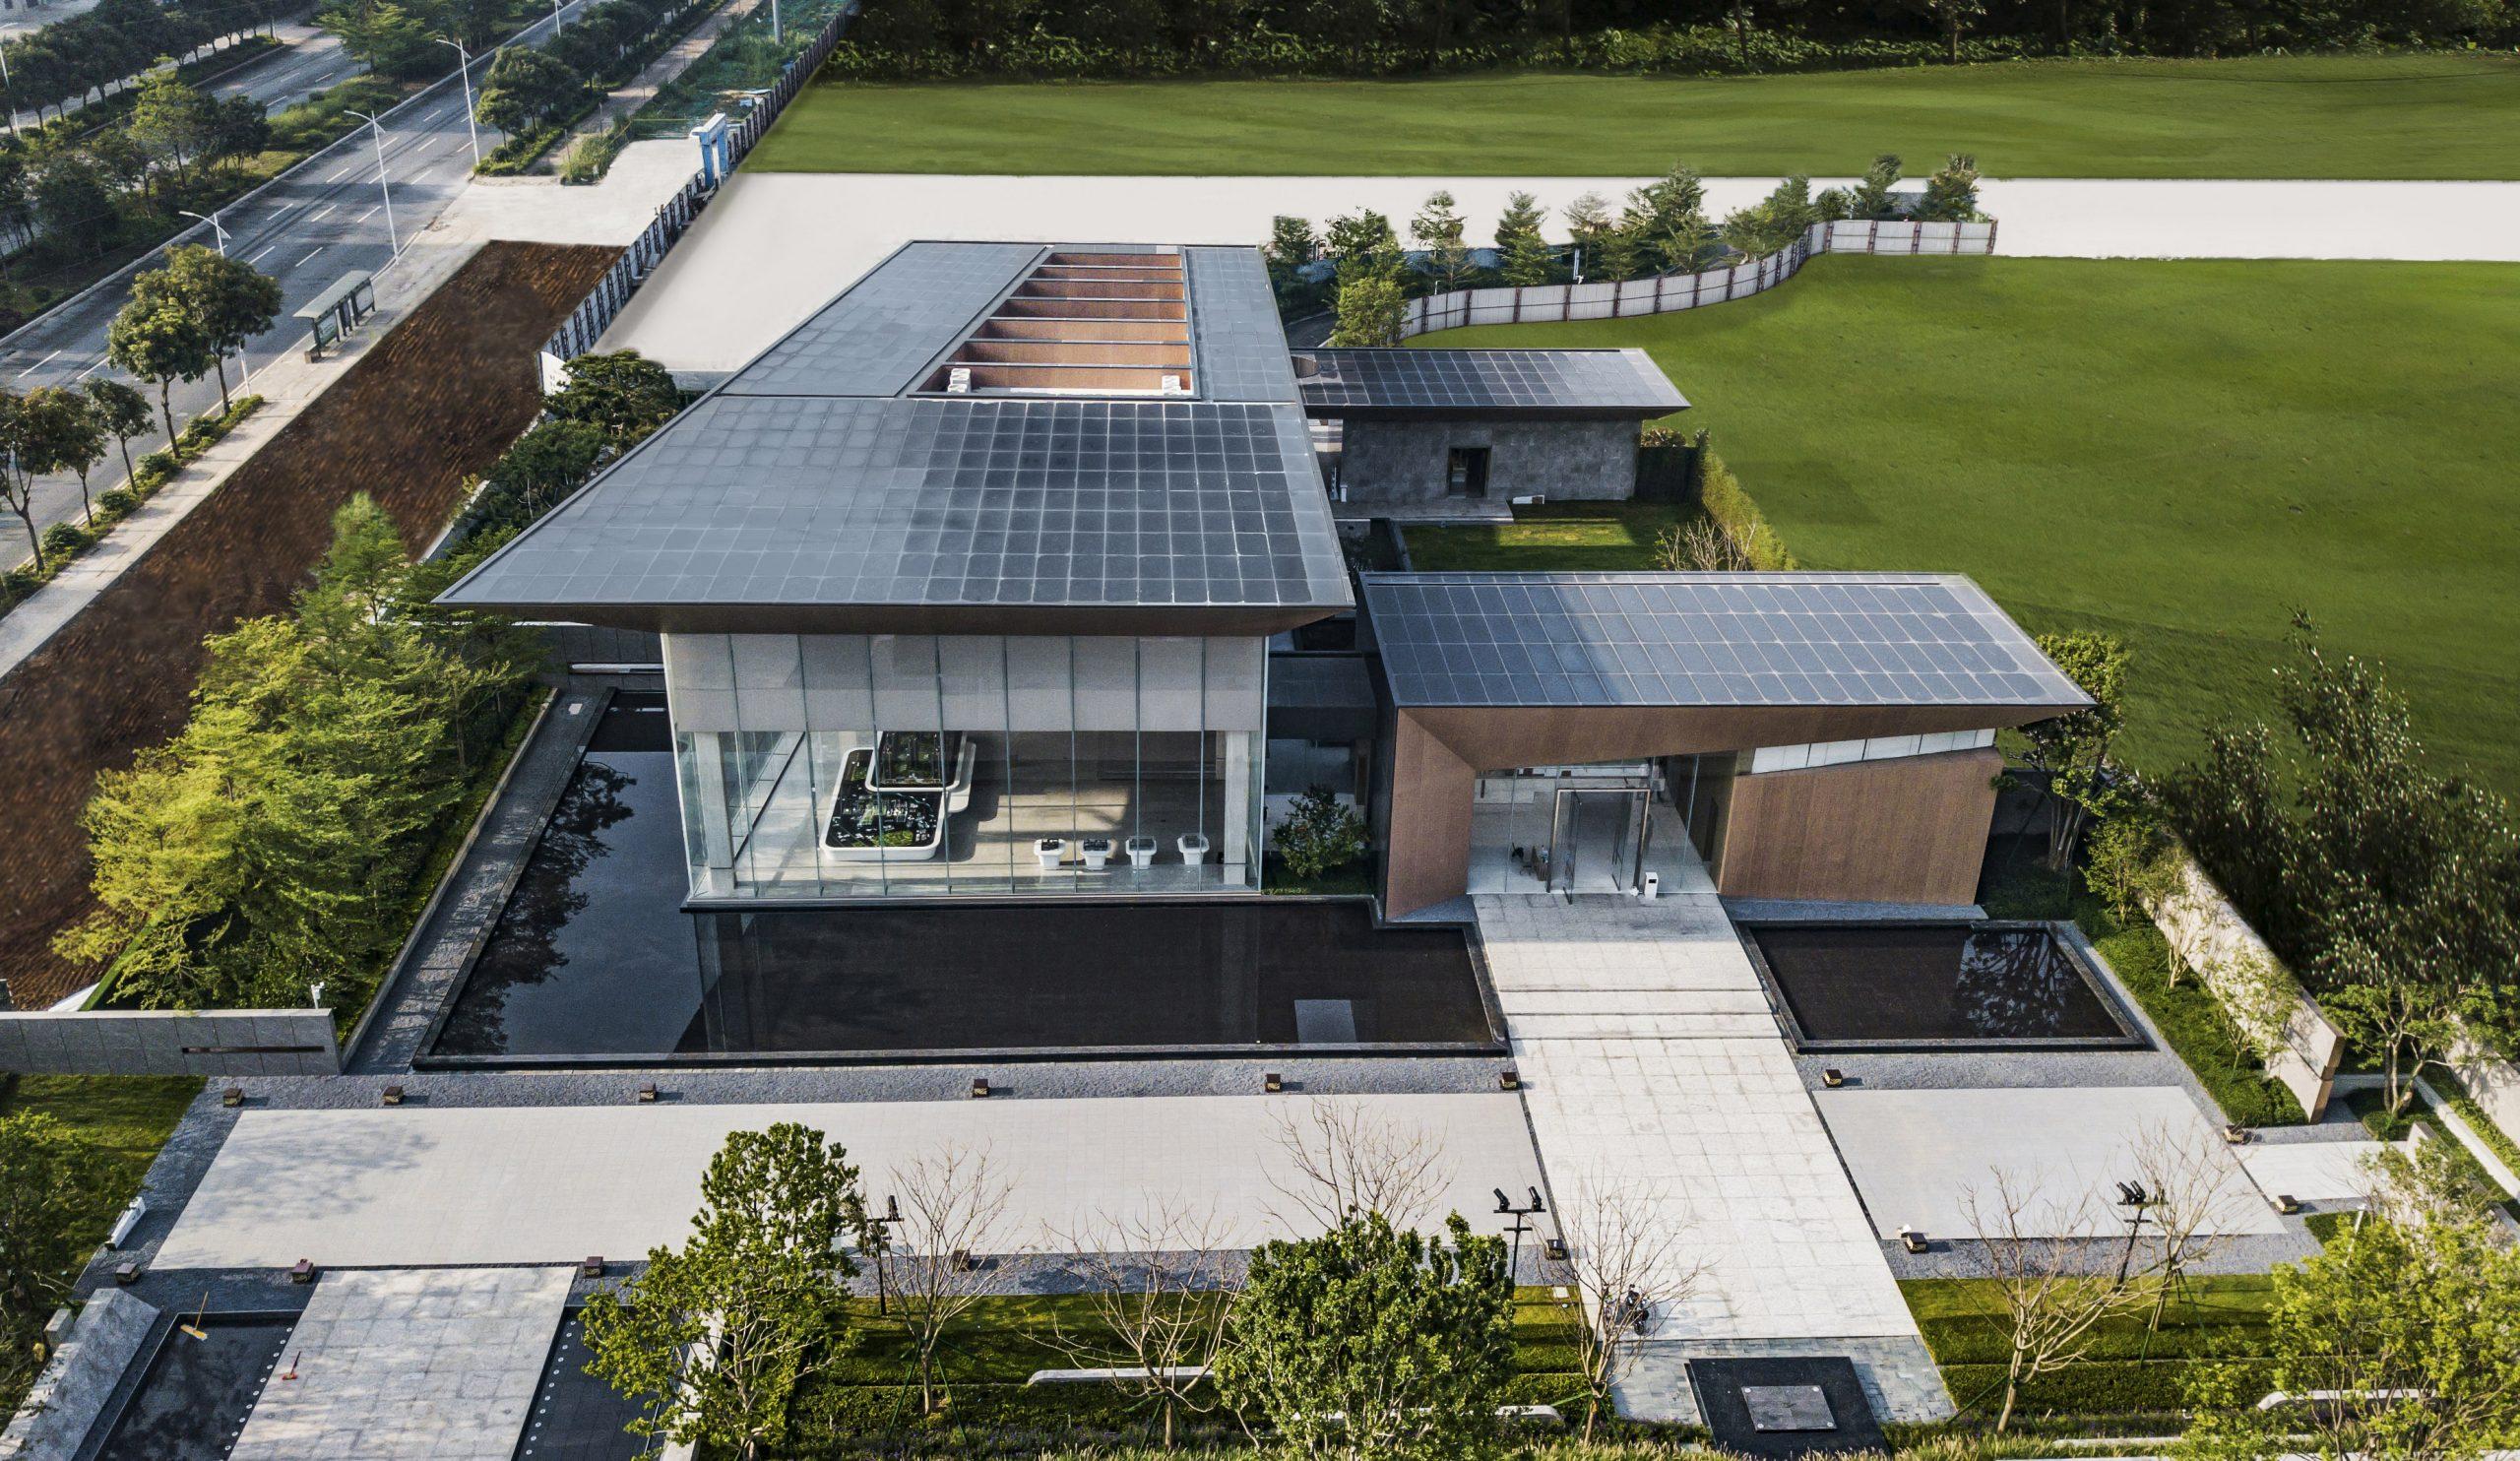 Fukang No. 1 City Hall | MUSE Design Awards